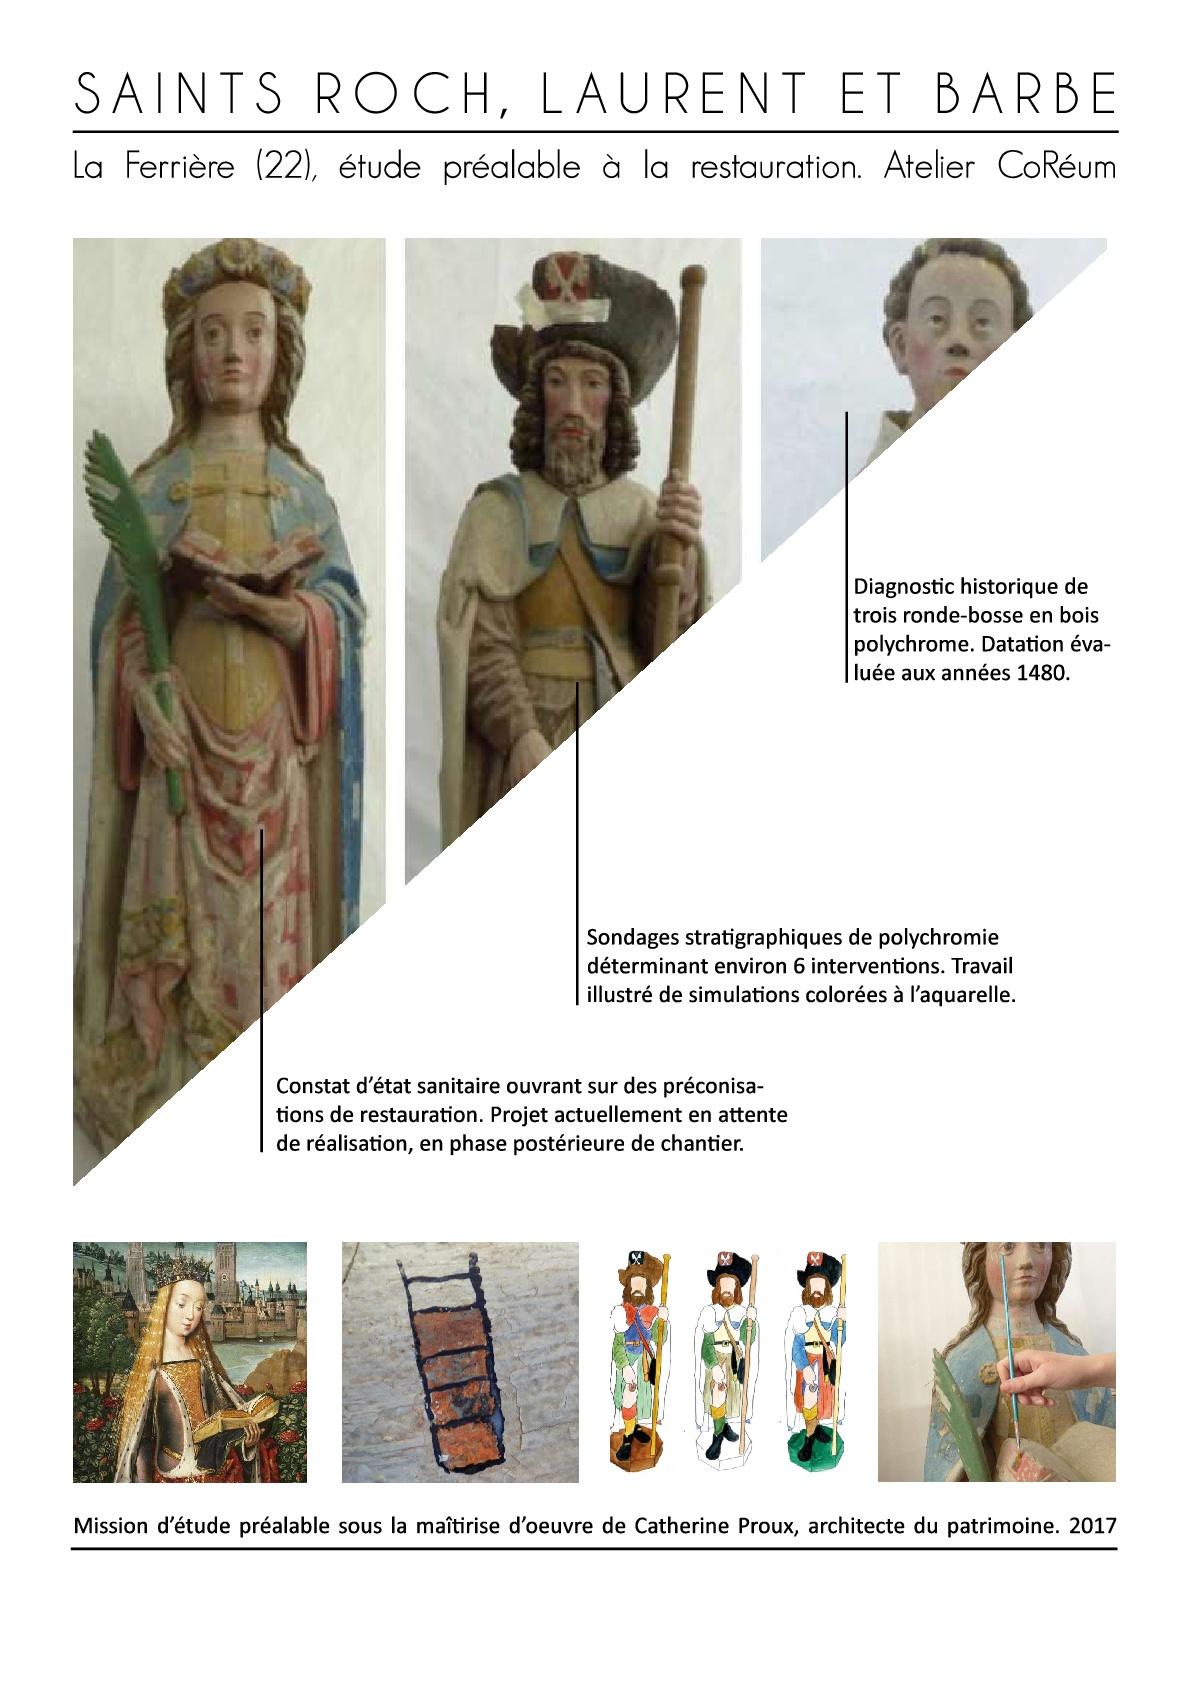 etude patrimoine mobilier objet art sculpture statue coreum monument expertise